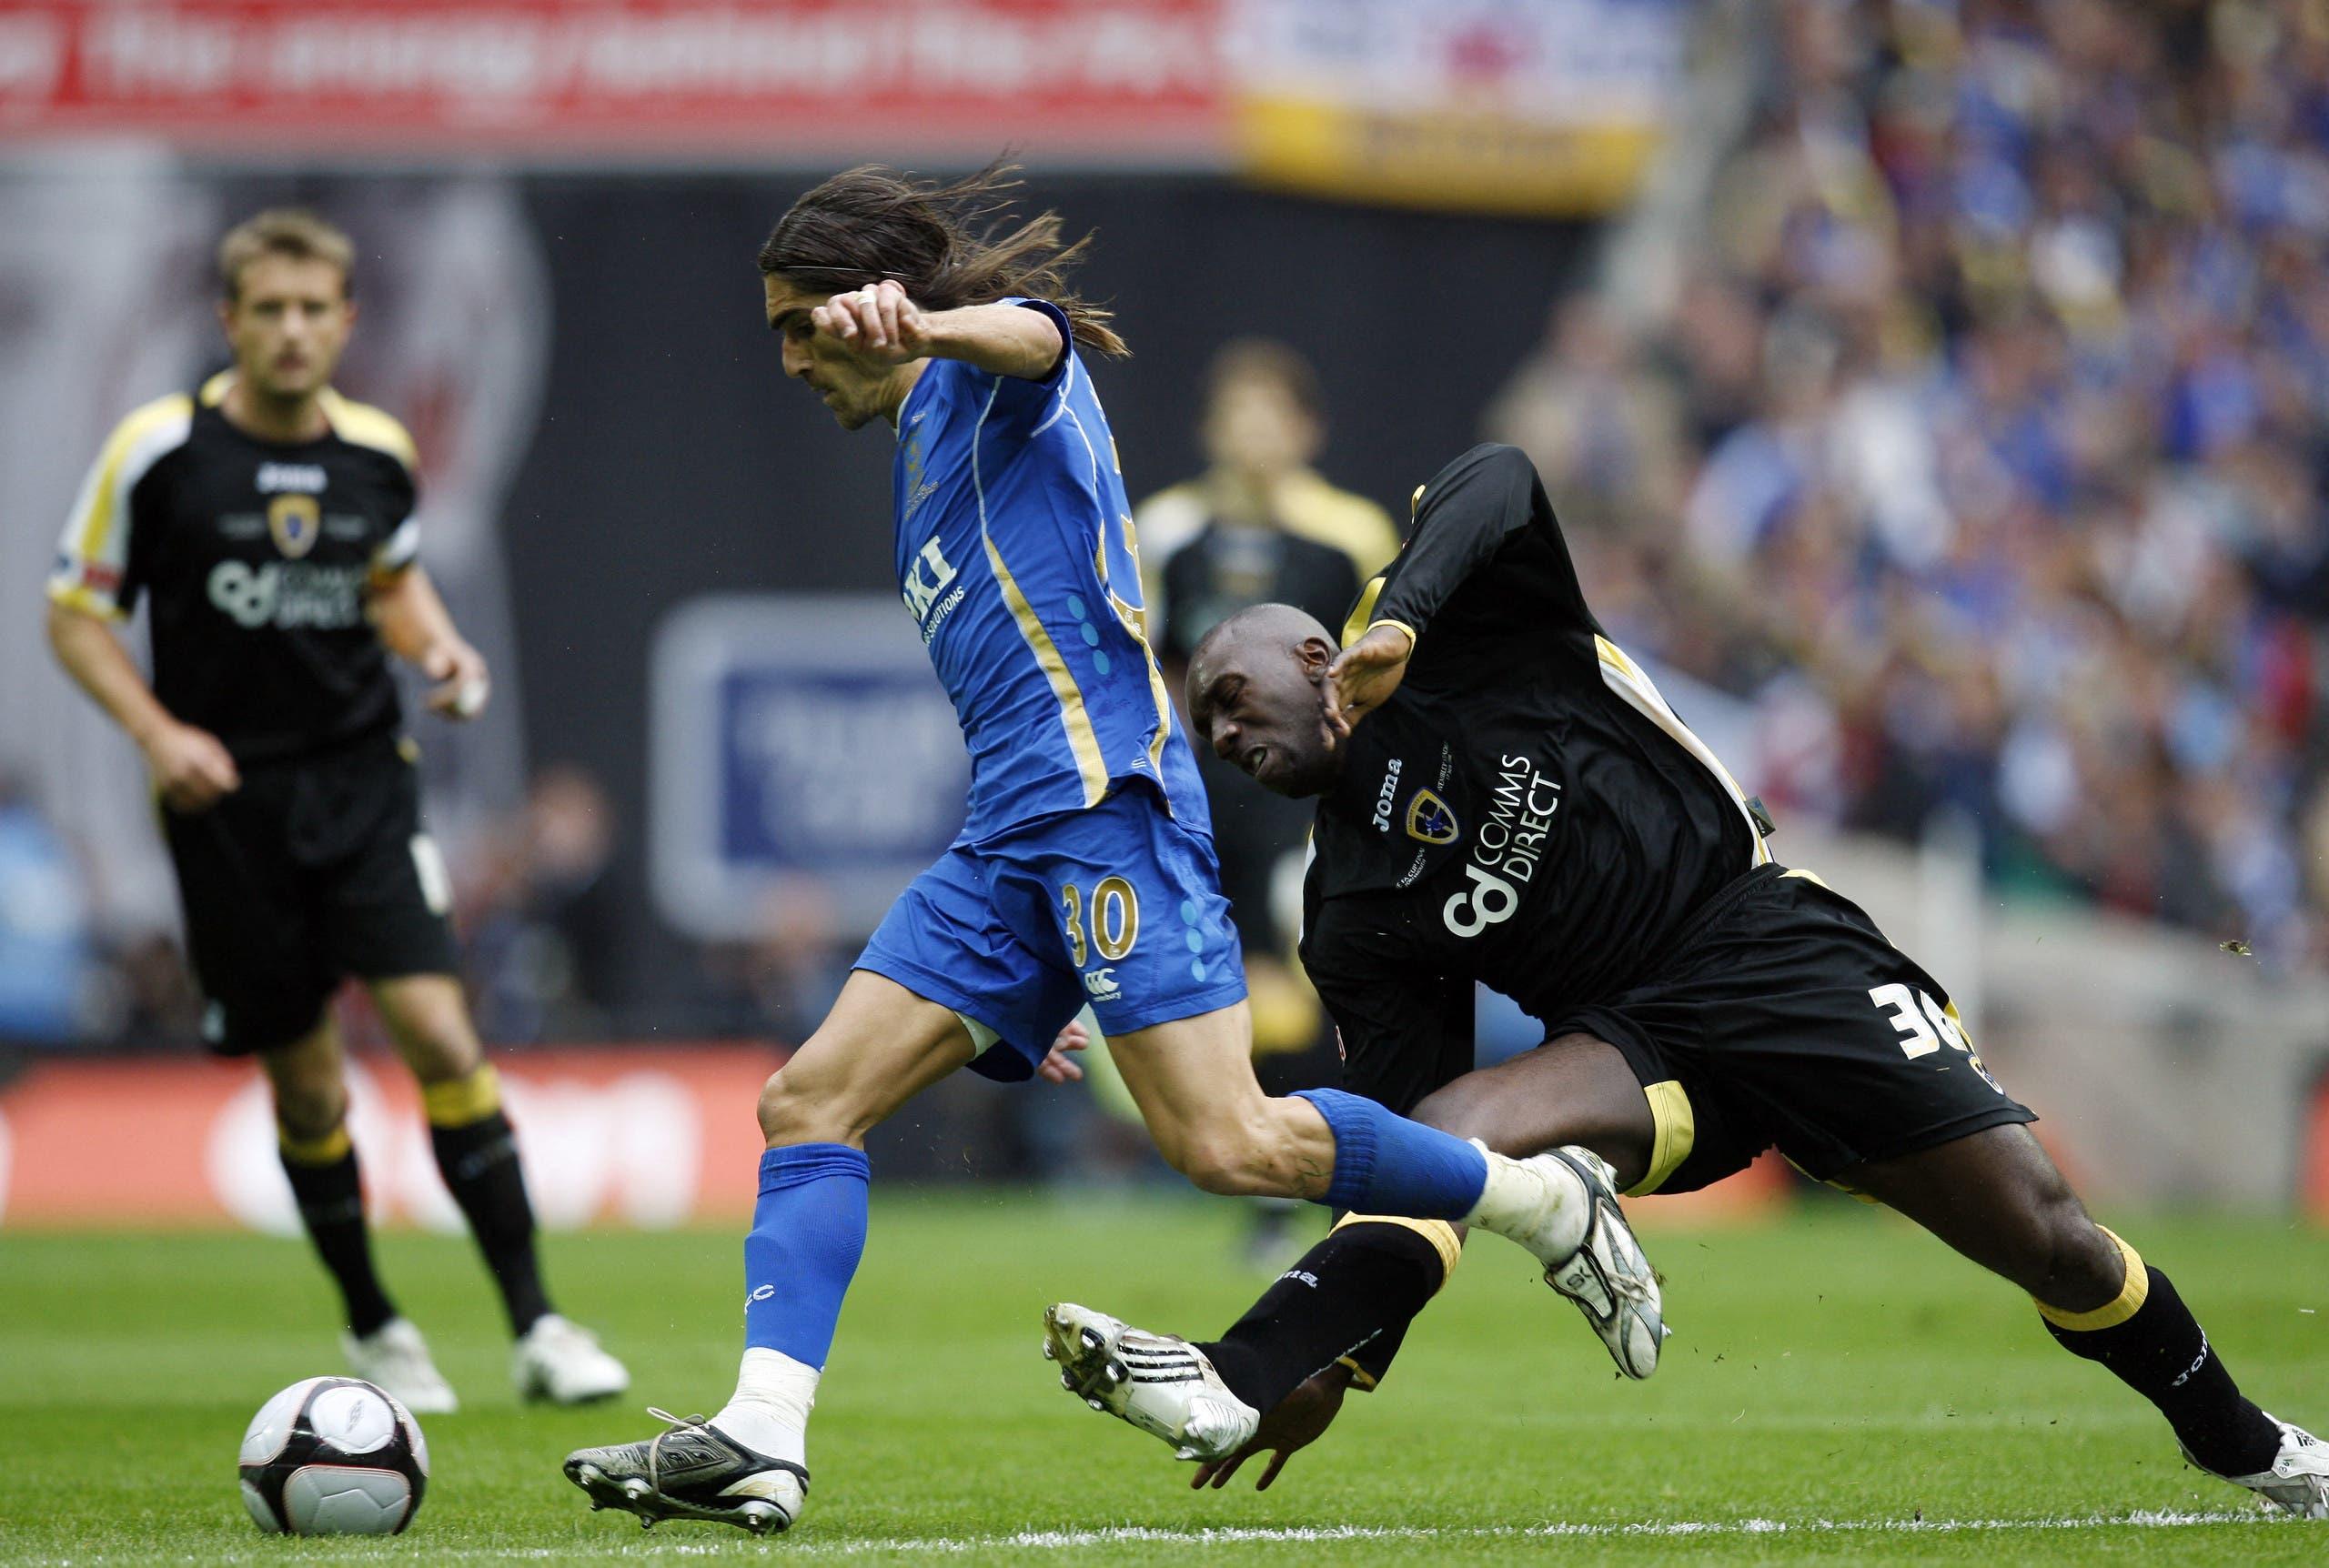 كارديف وبورتسموث لعبا نهائي كأس إنجلترا